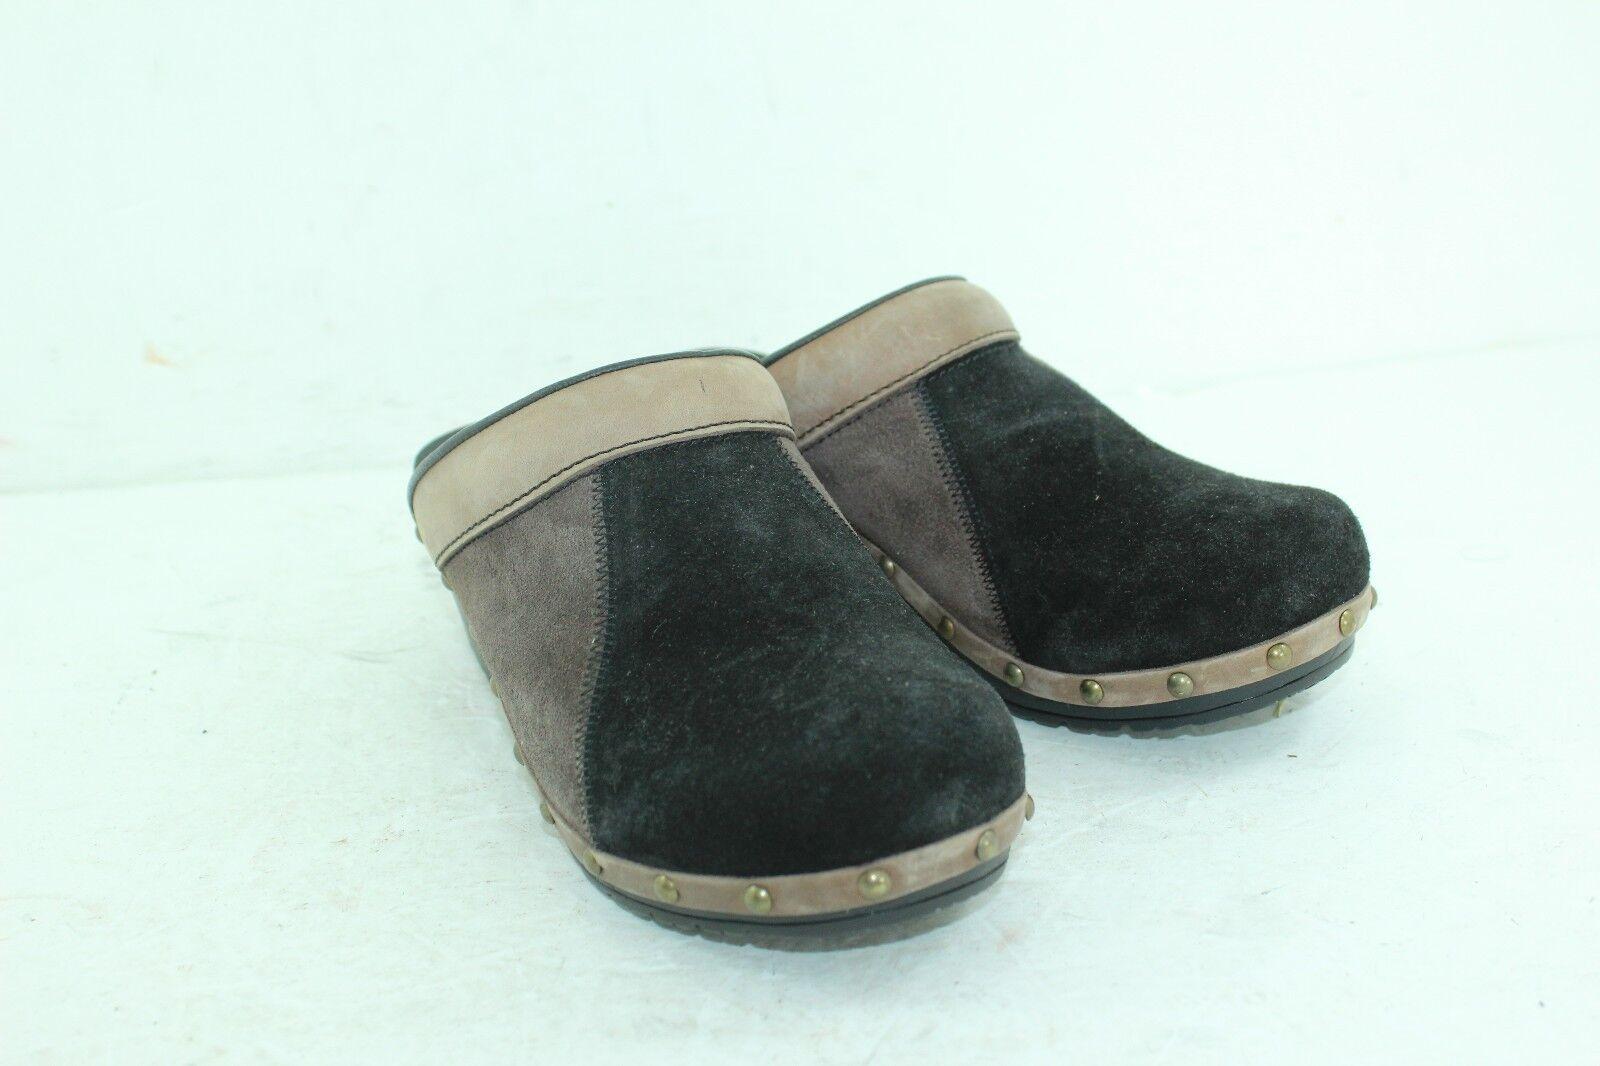 Sanita Professional Taille 38 mules marron noir cuir femme  2